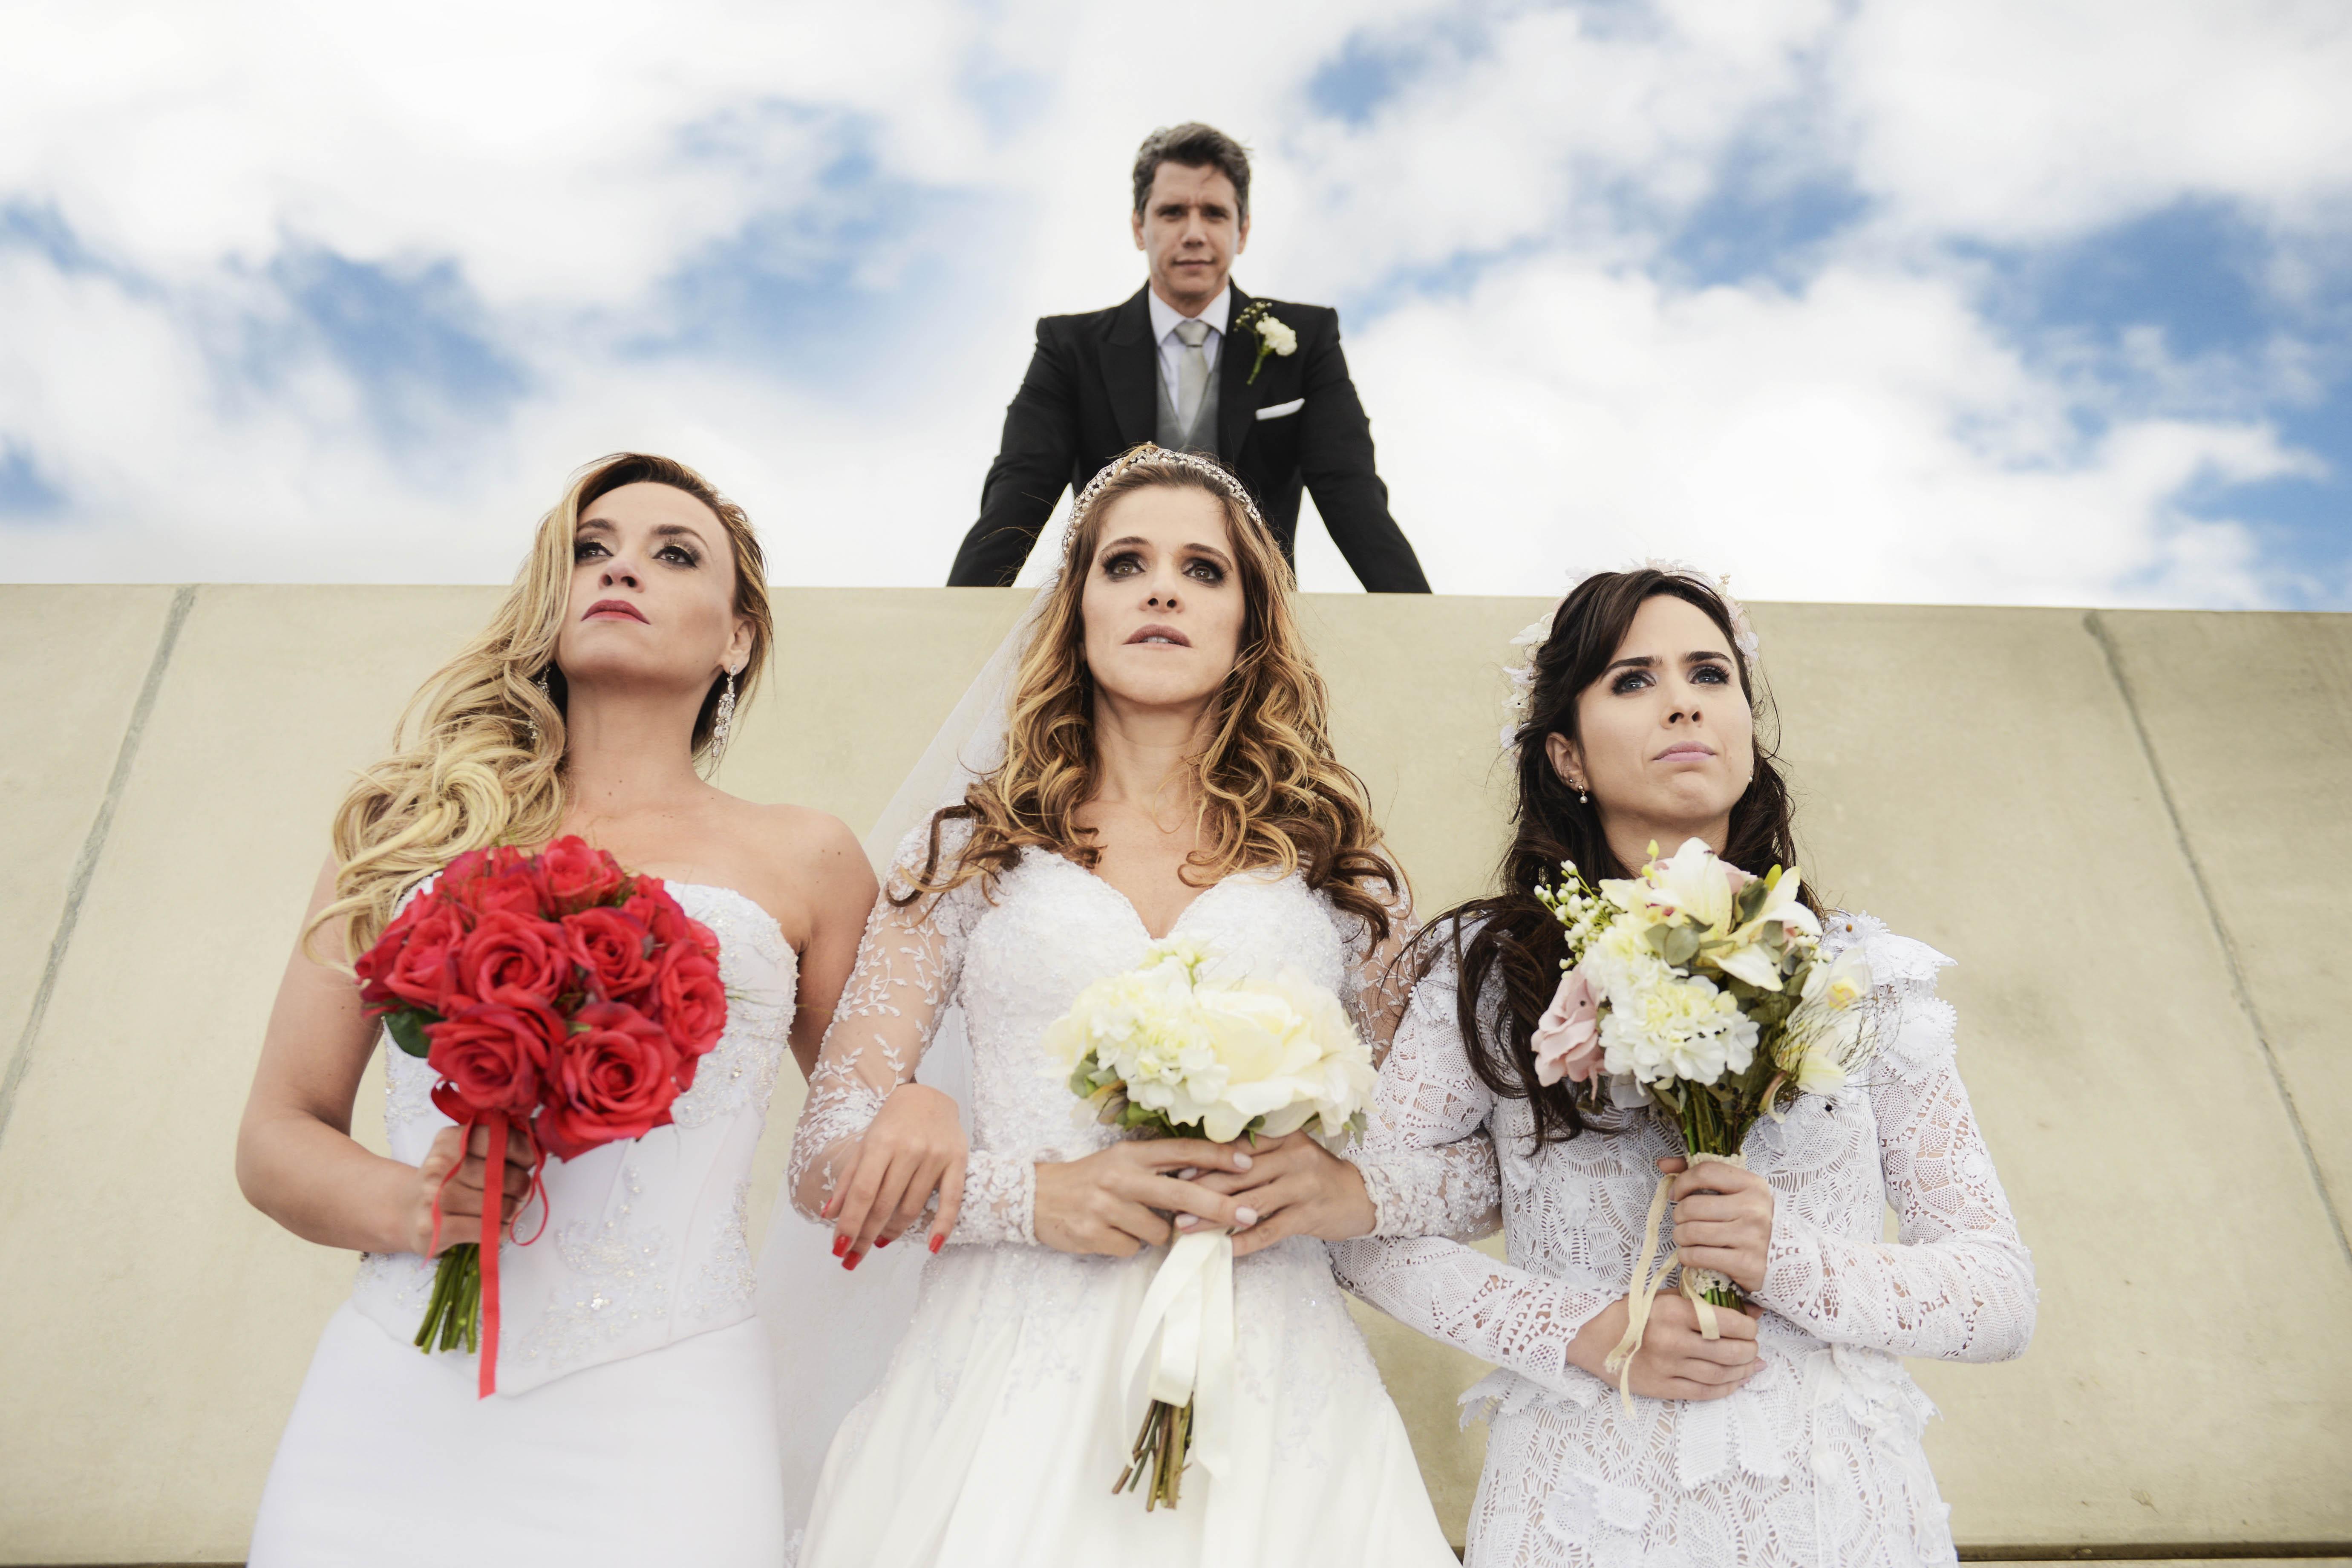 filmes sobre casamento